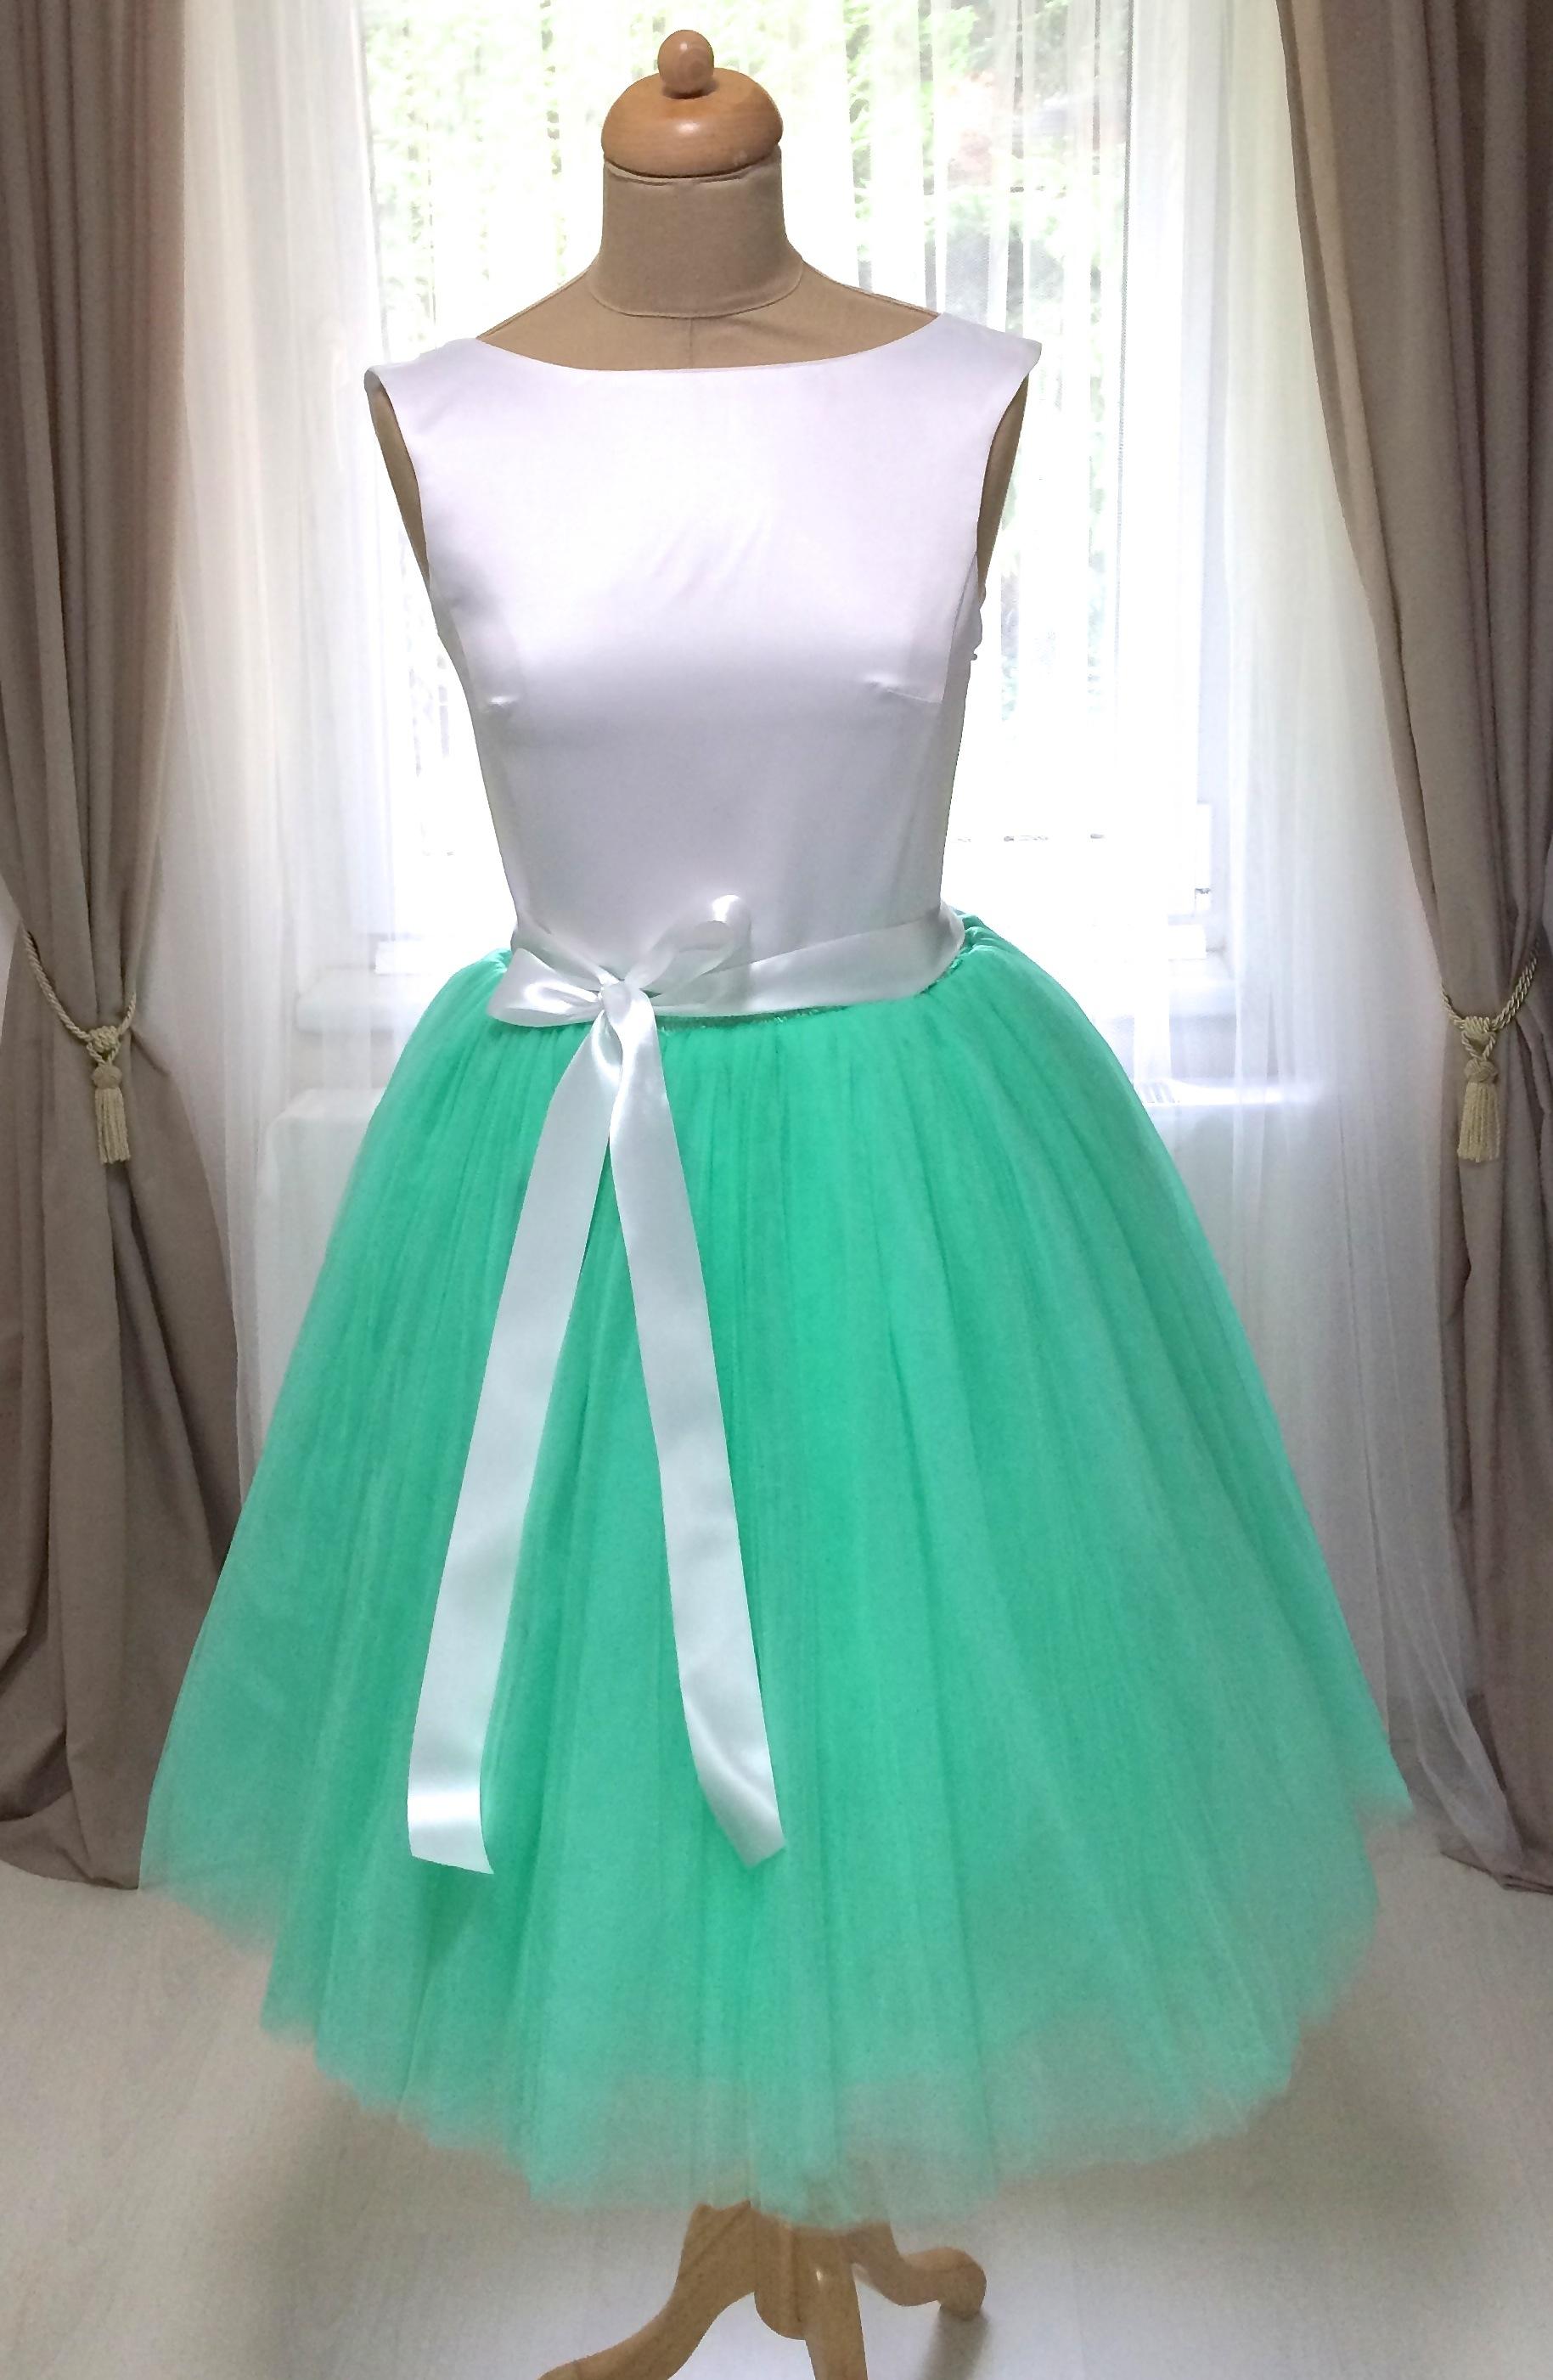 Dámská tylová TUTU sukně mint zelená nad kolená - 50 cm